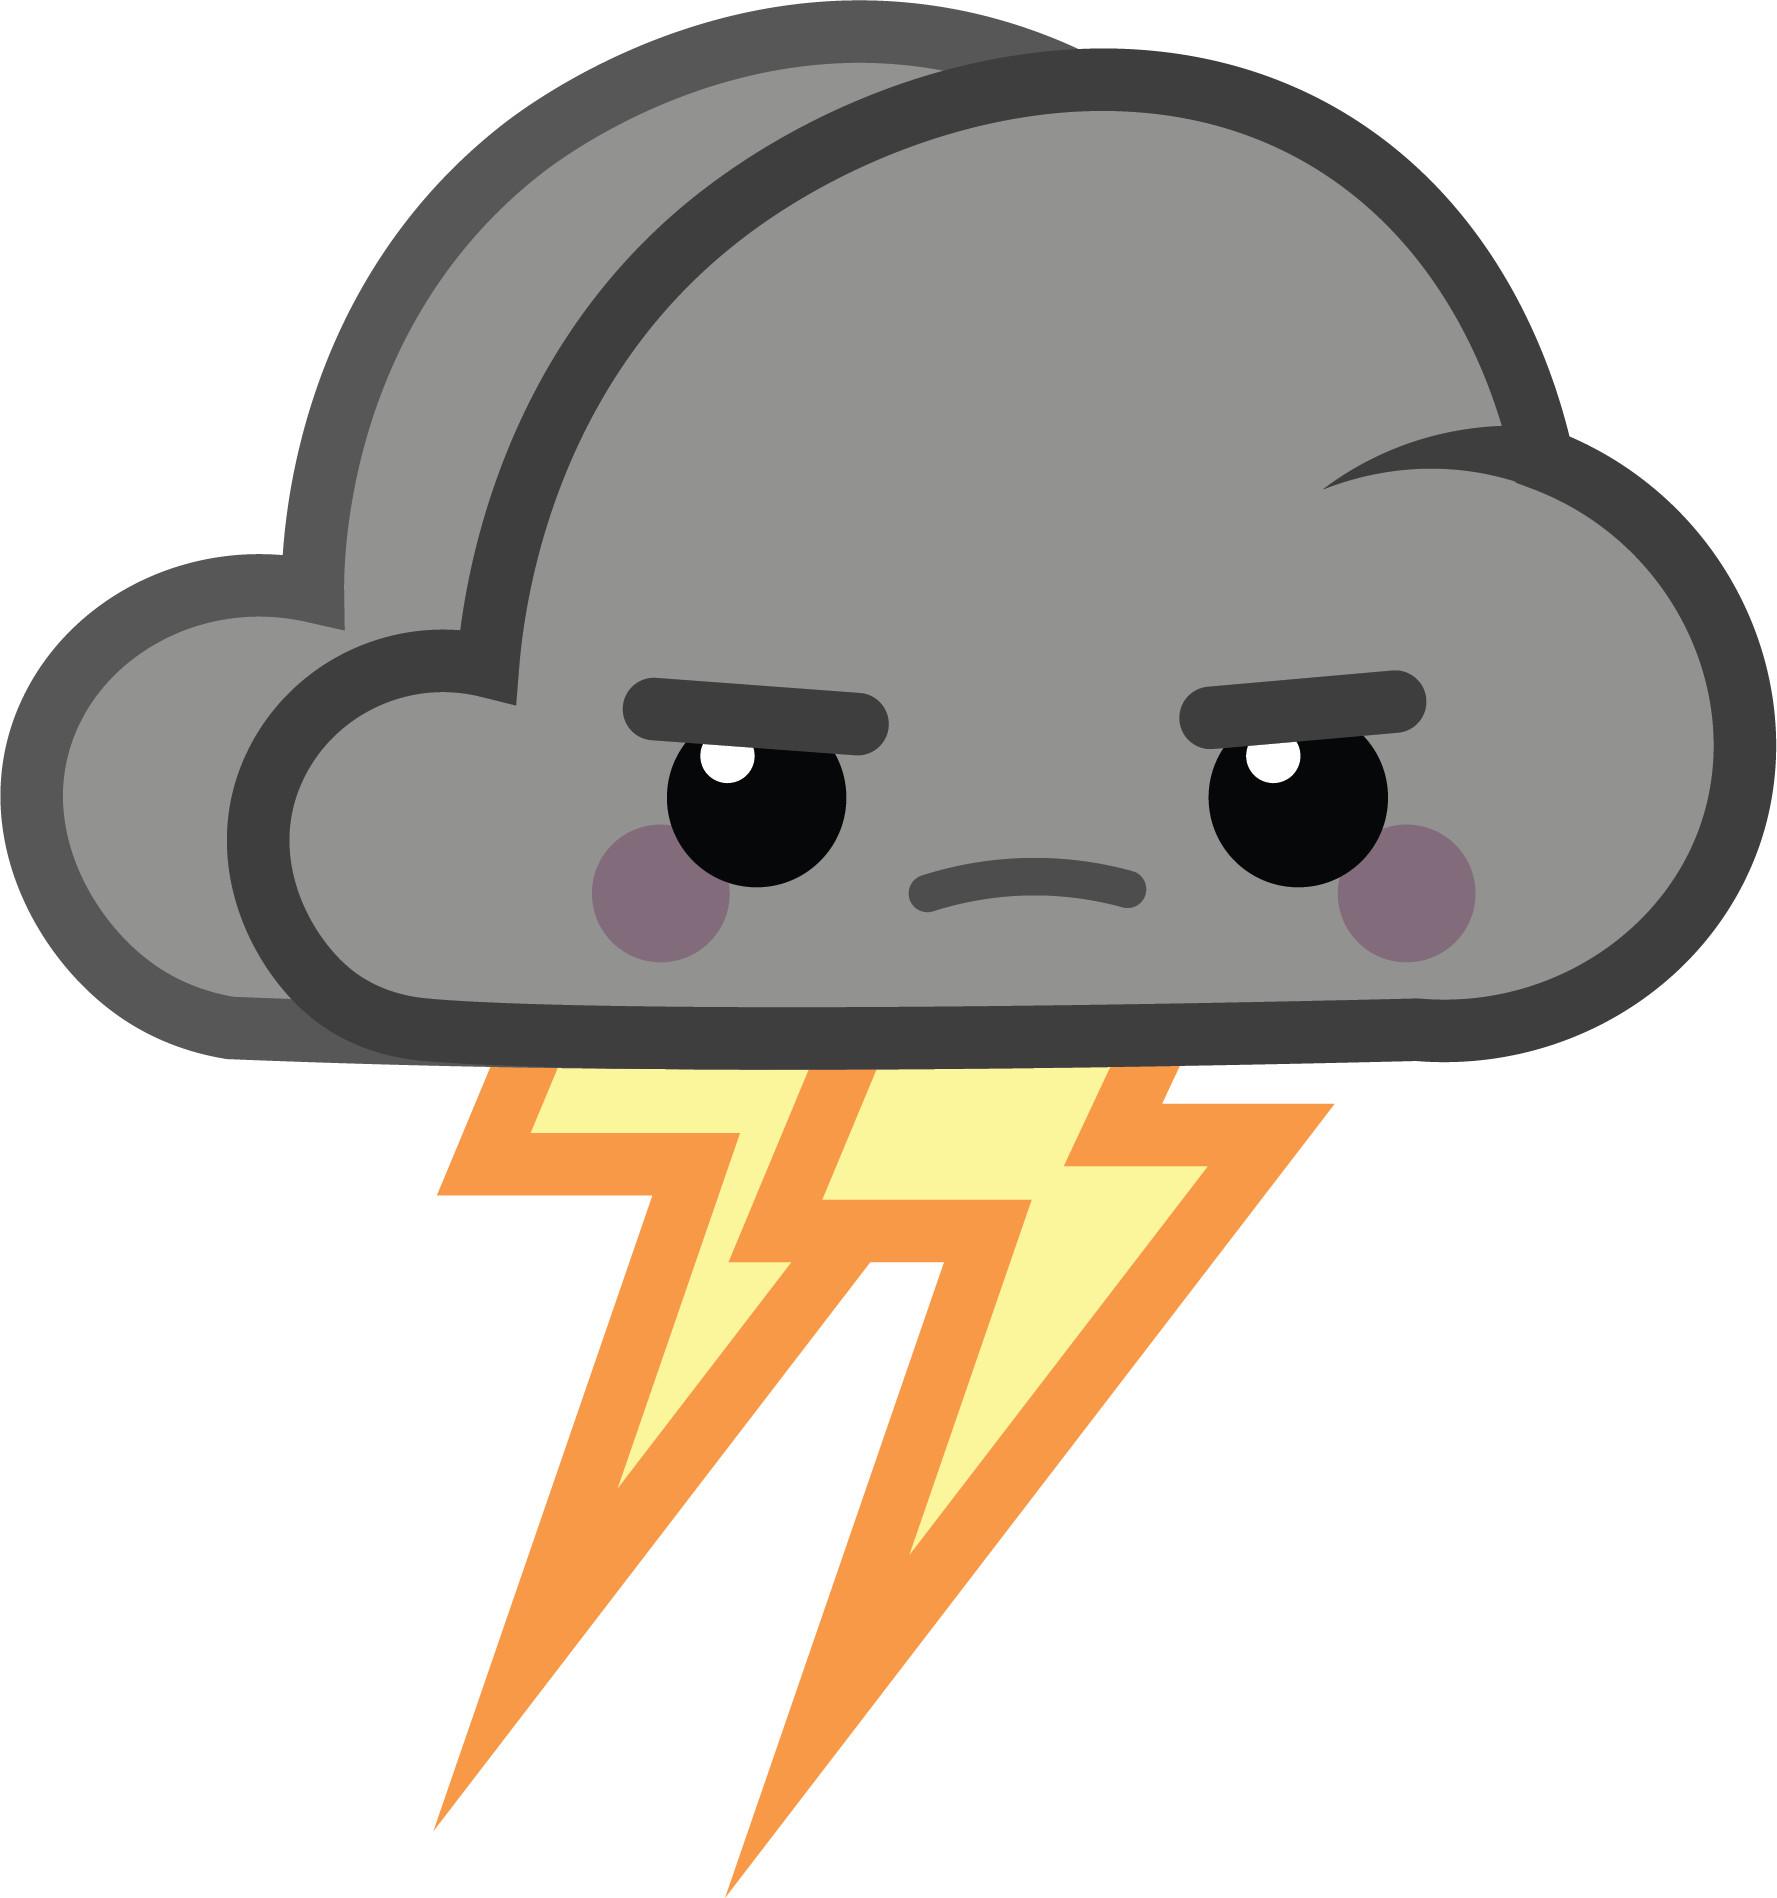 Glenn melenhorst brooding cloud